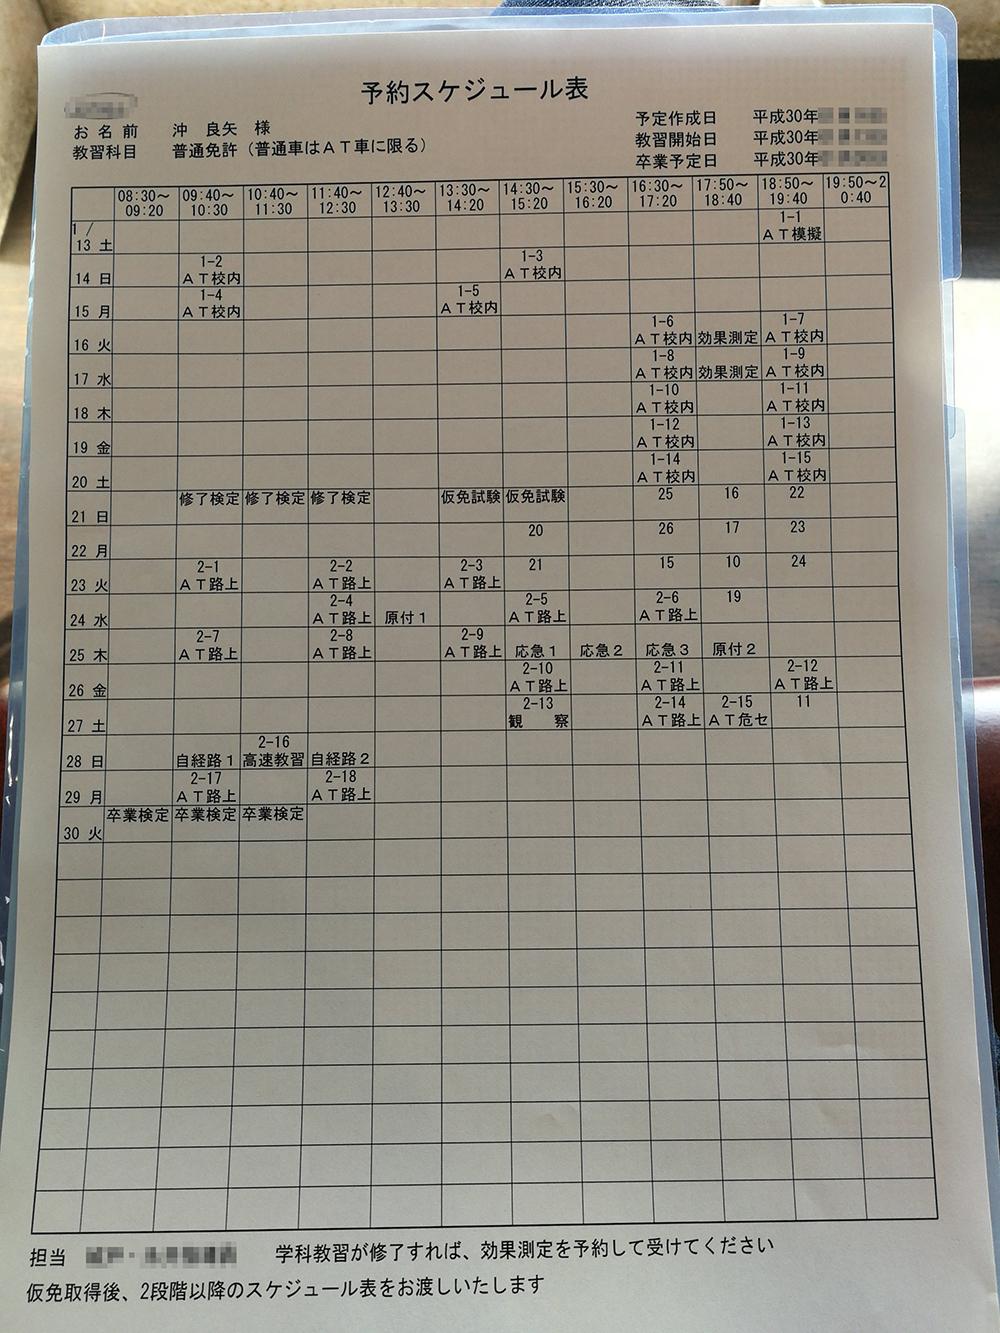 当時のスケジュール表。後半なので少し緩め。前半は朝から夕方までビッシリだった